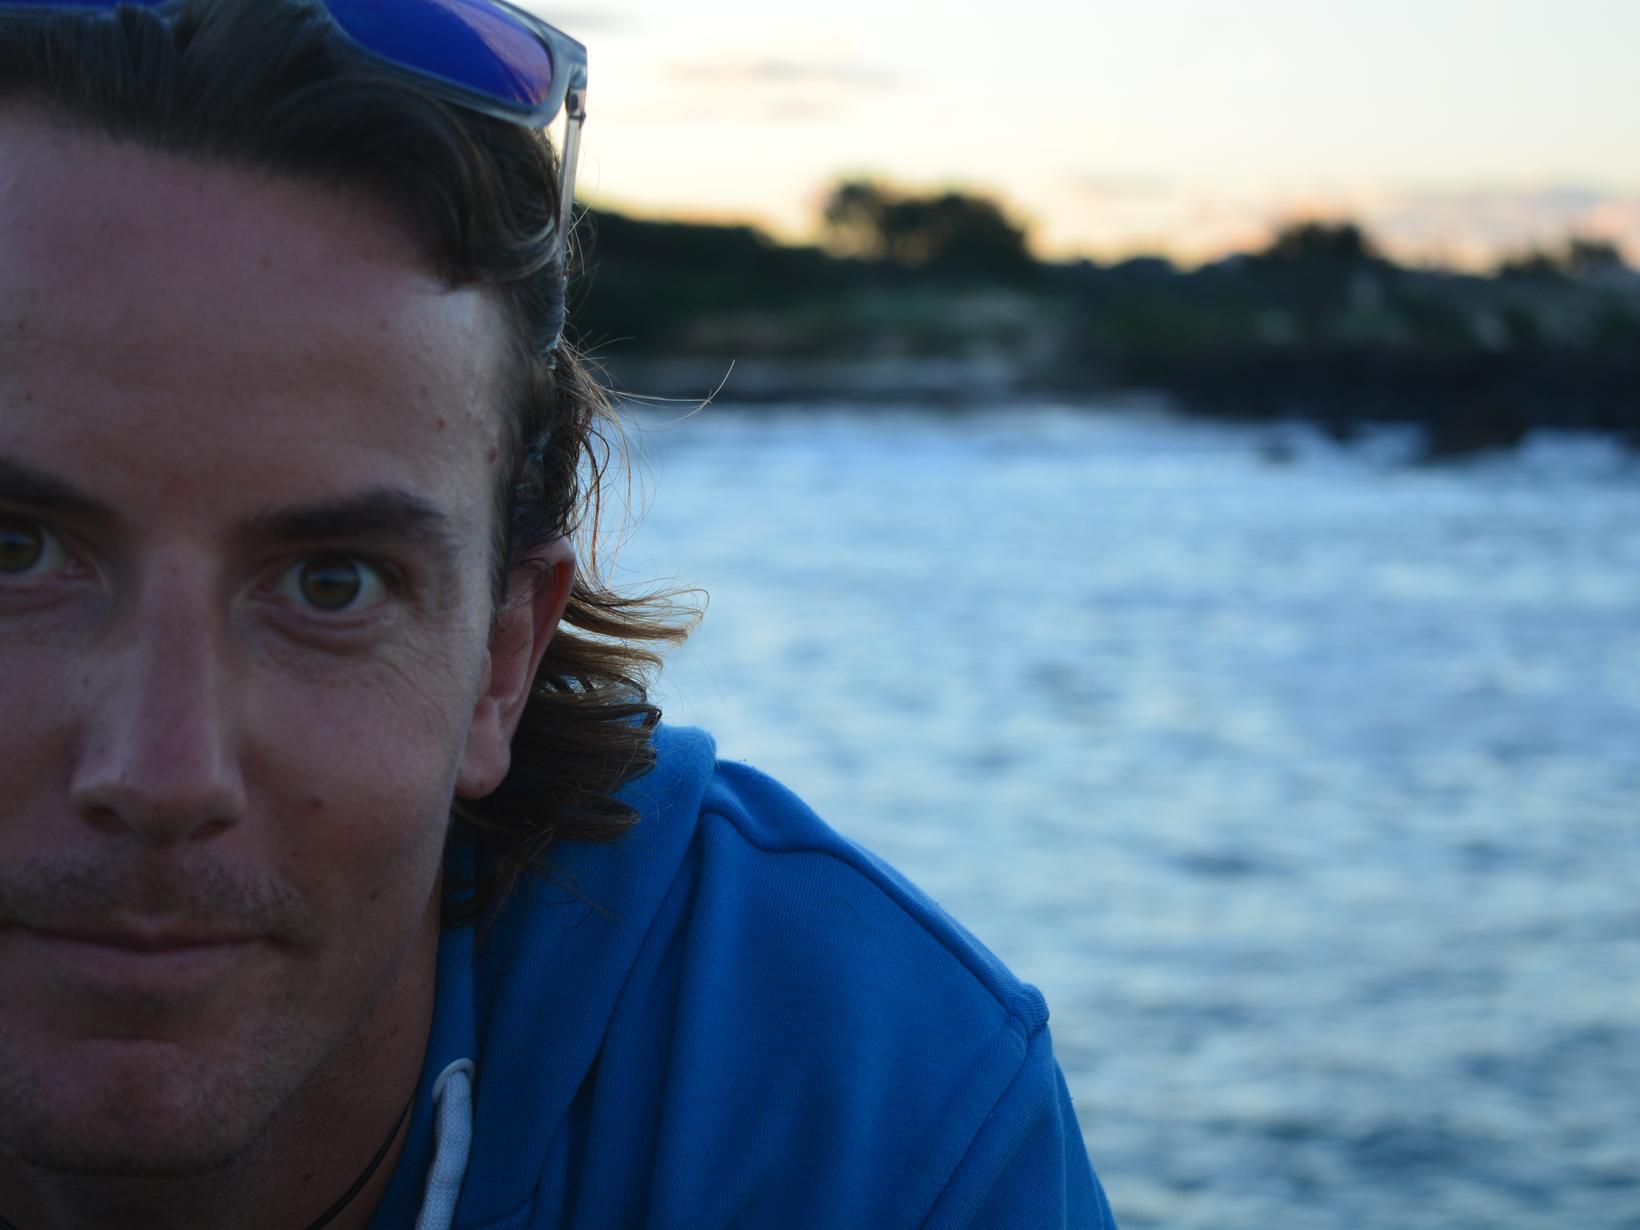 Matthew from Zürich, Switzerland